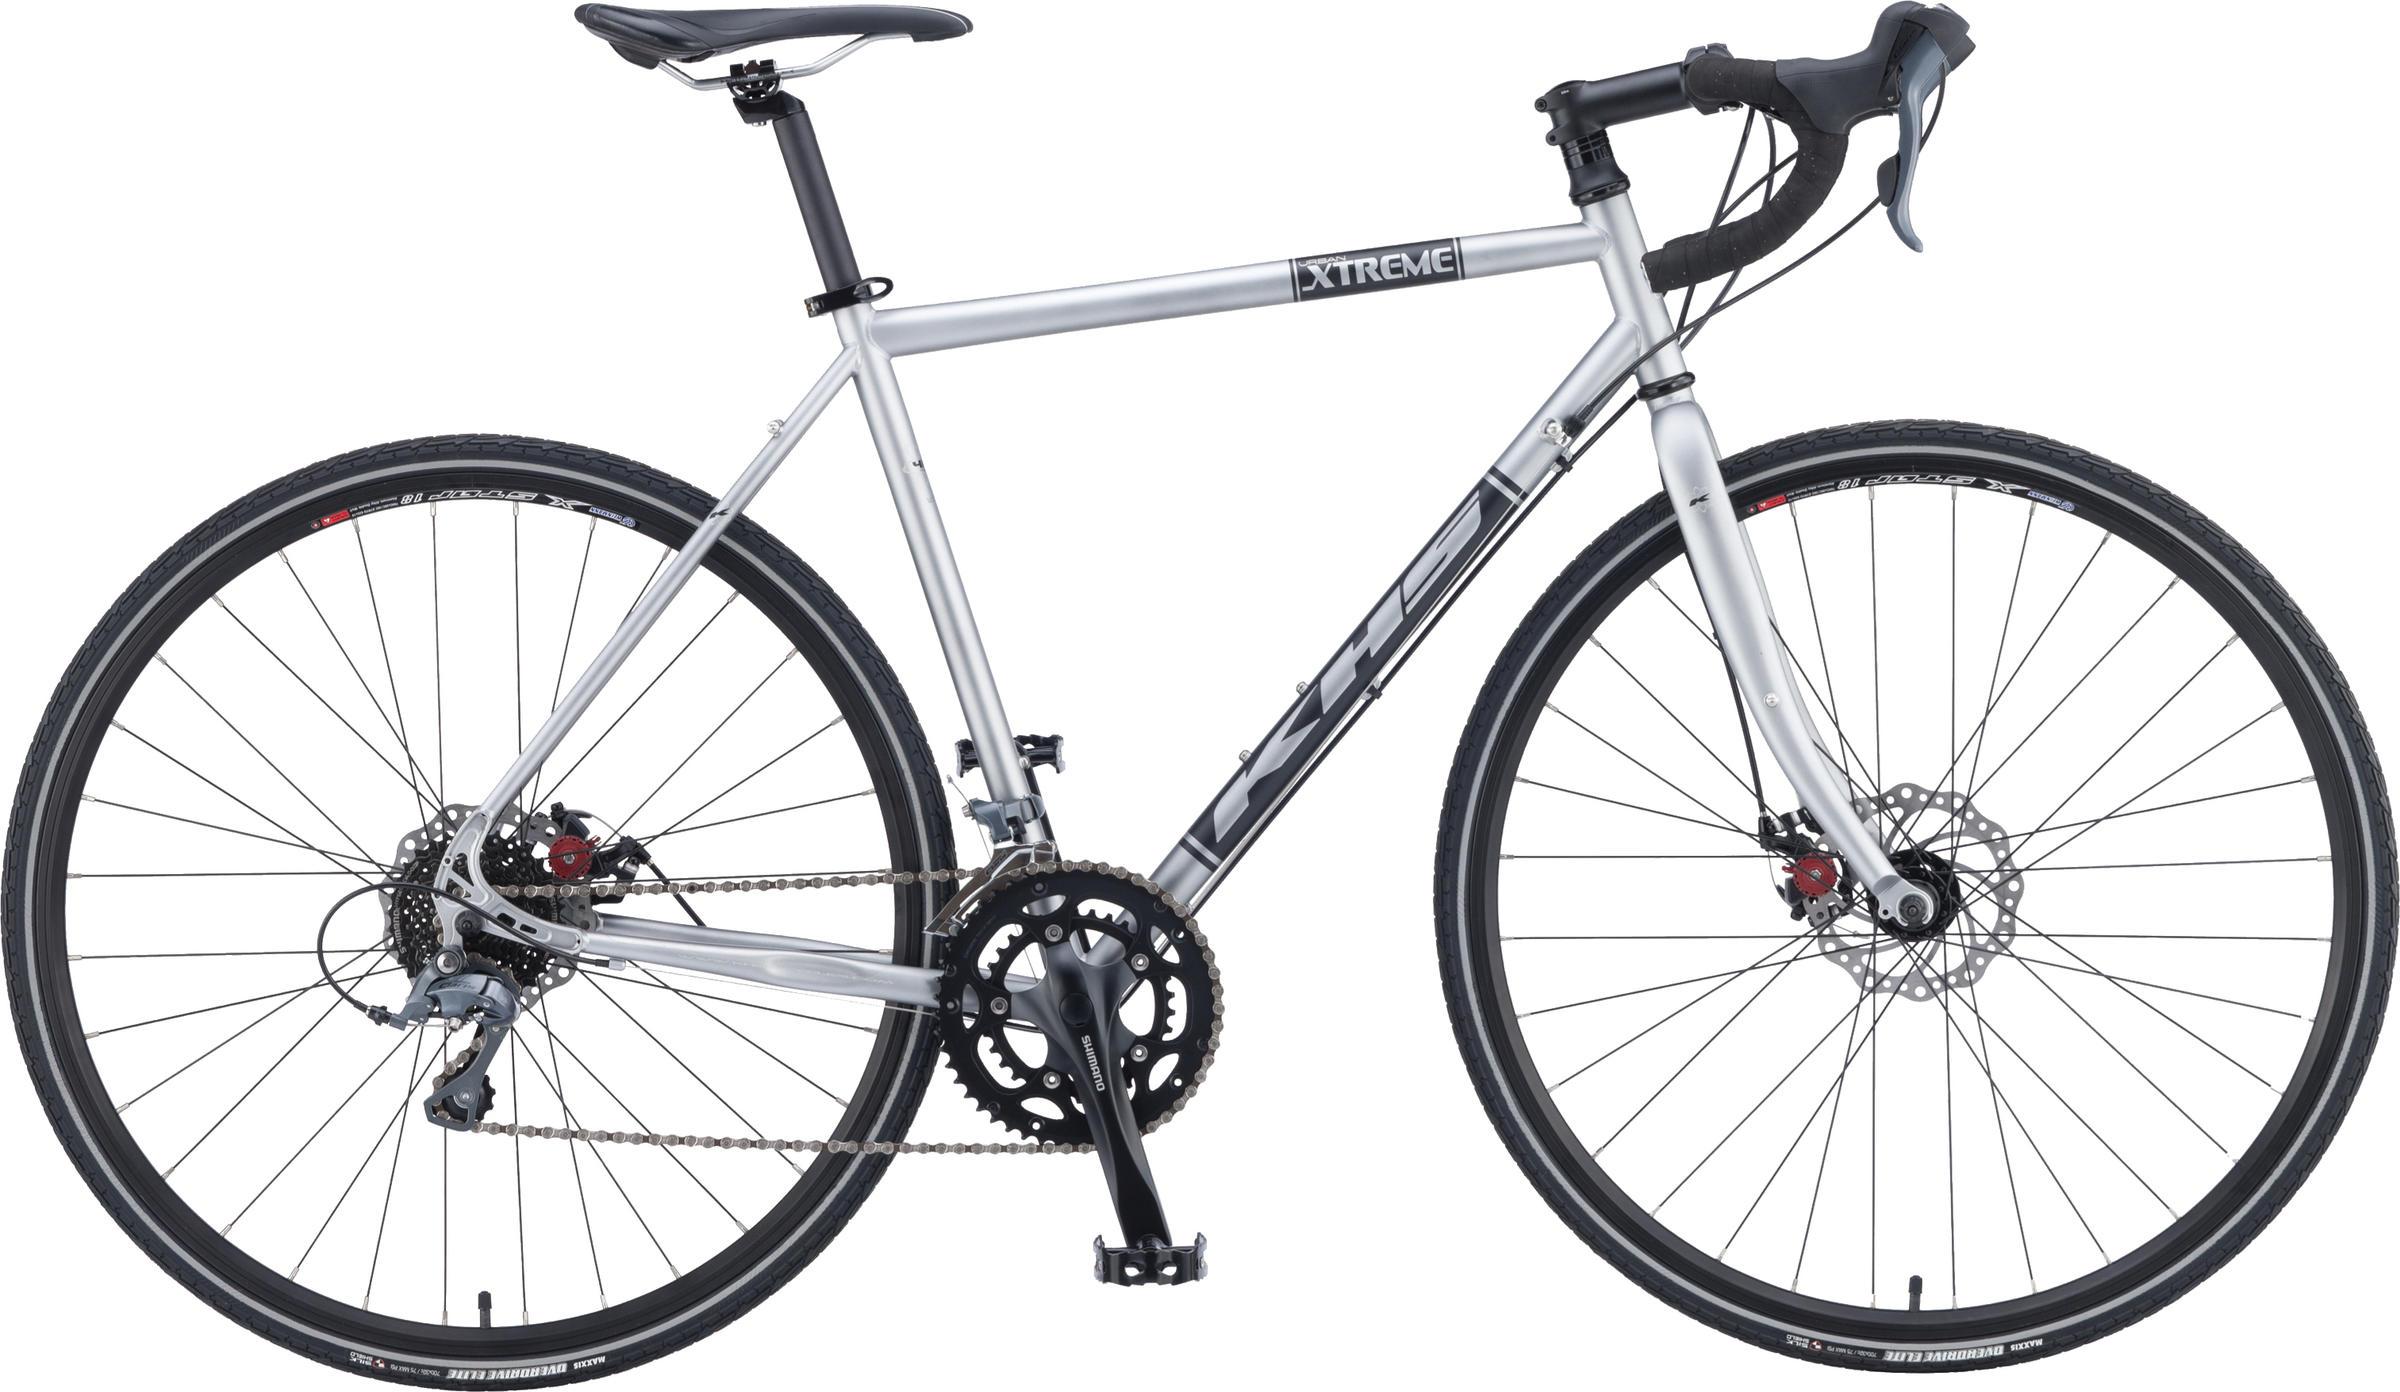 Khs Urban Xtreme Minneapolis Bike Shop Re Cycle